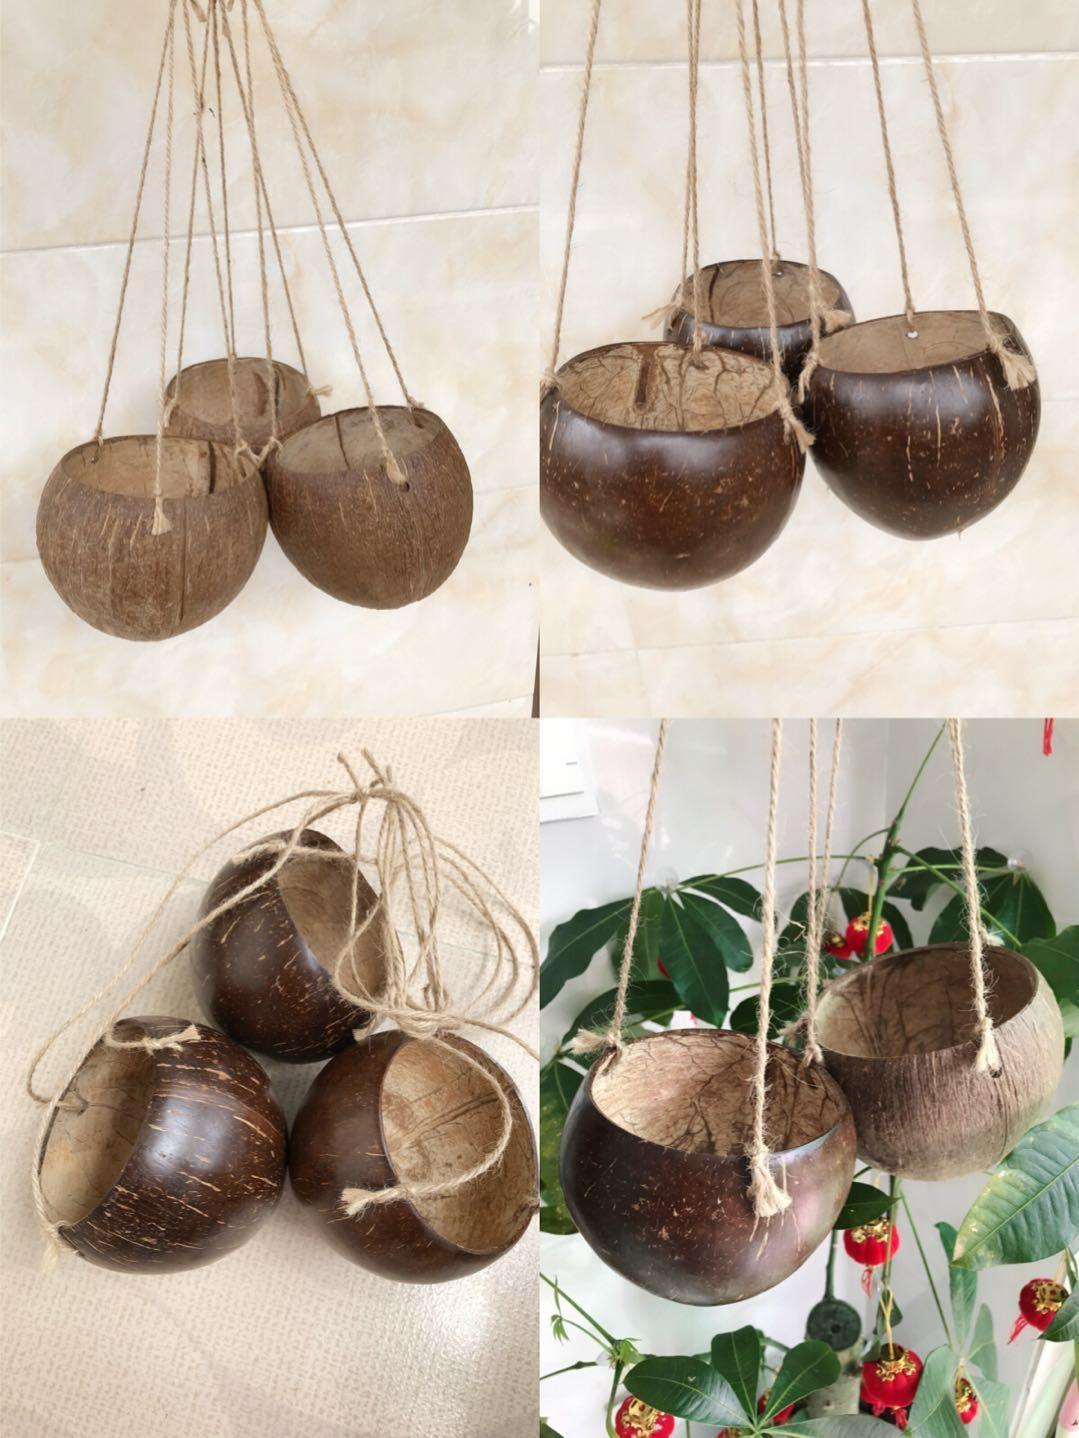 Посадочный бассейна висит корзину бытового украшения висит горшок кокосовой оболочки горшка кокосовой оболочки горшок творческий подарок